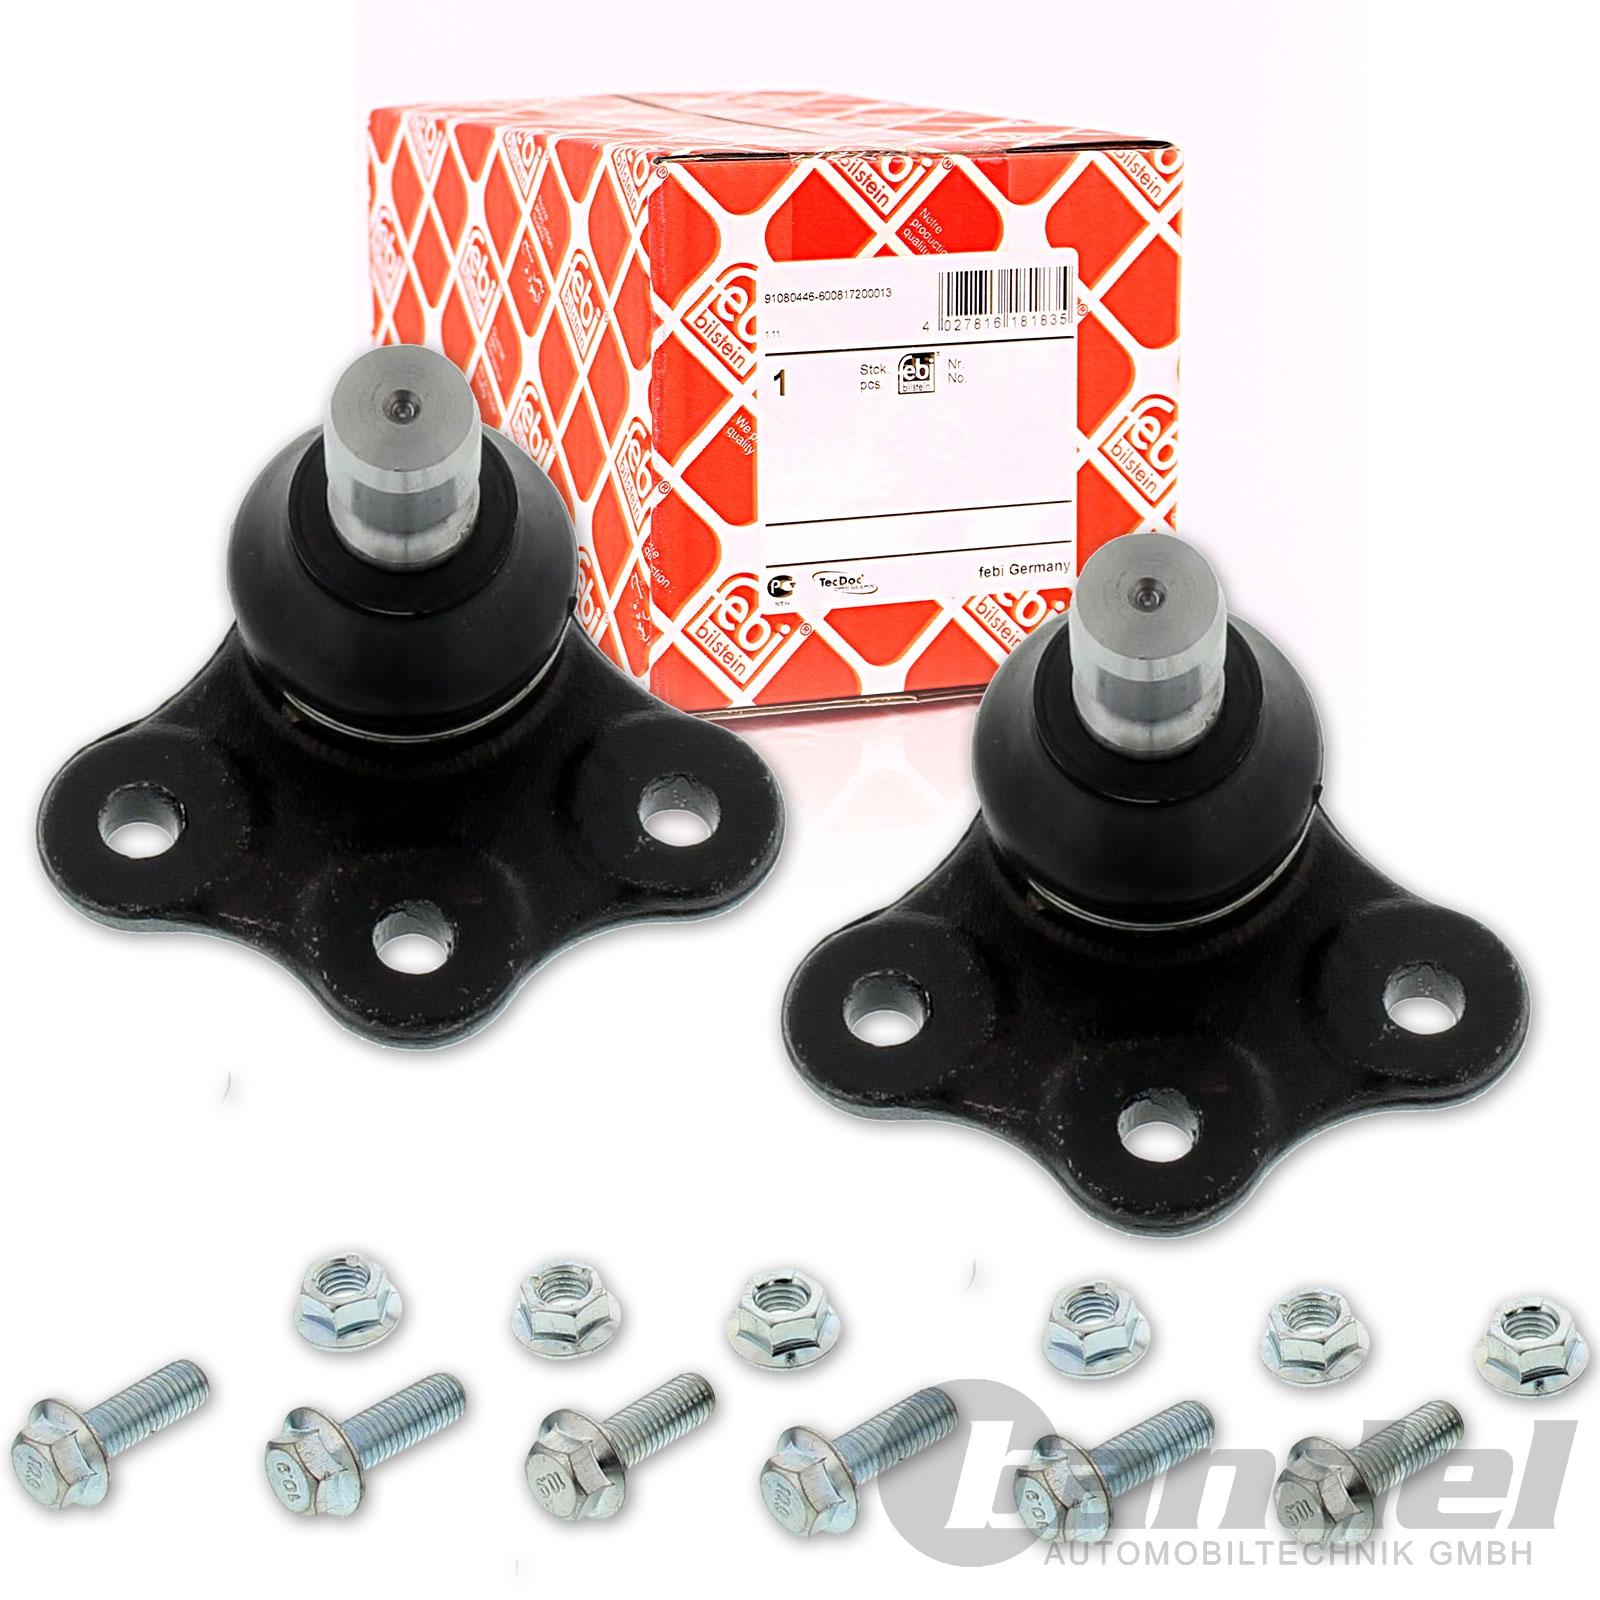 W5L 1.8 1 Fahrwerks Feder vorne Opel Corsa C Van 1.4 Diesel F08 F68